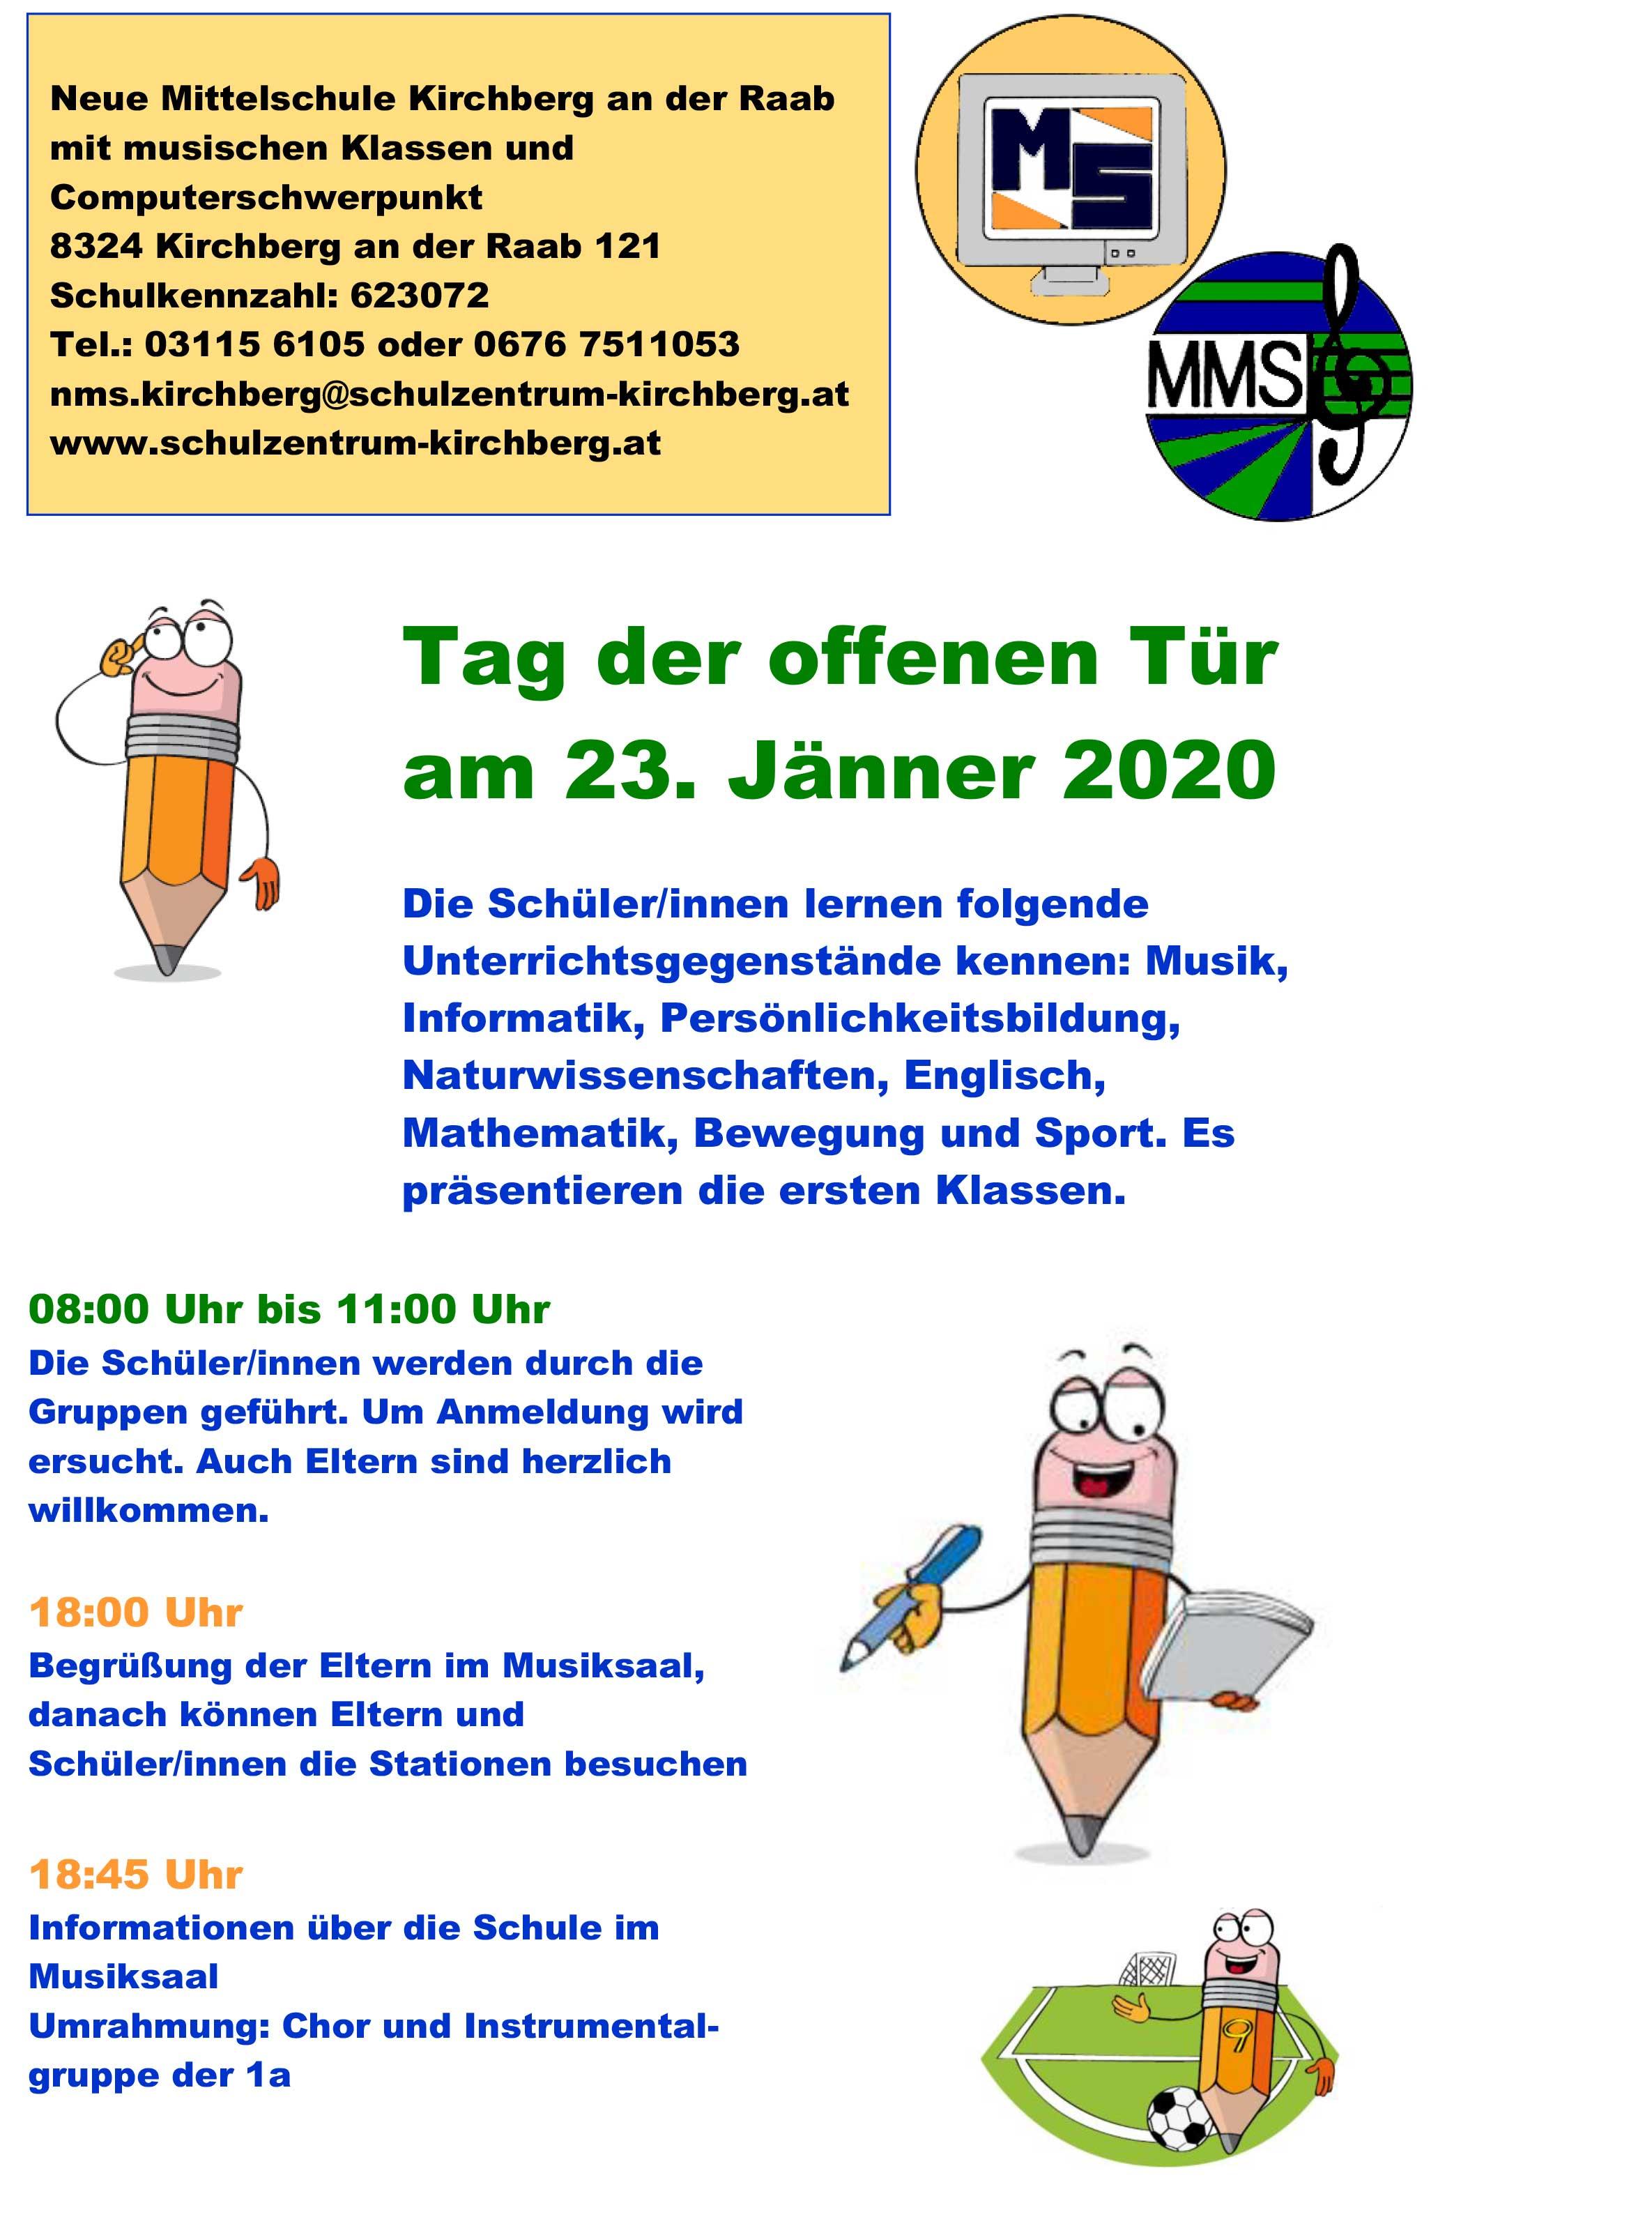 Tag-der-offenen-Tür-2020